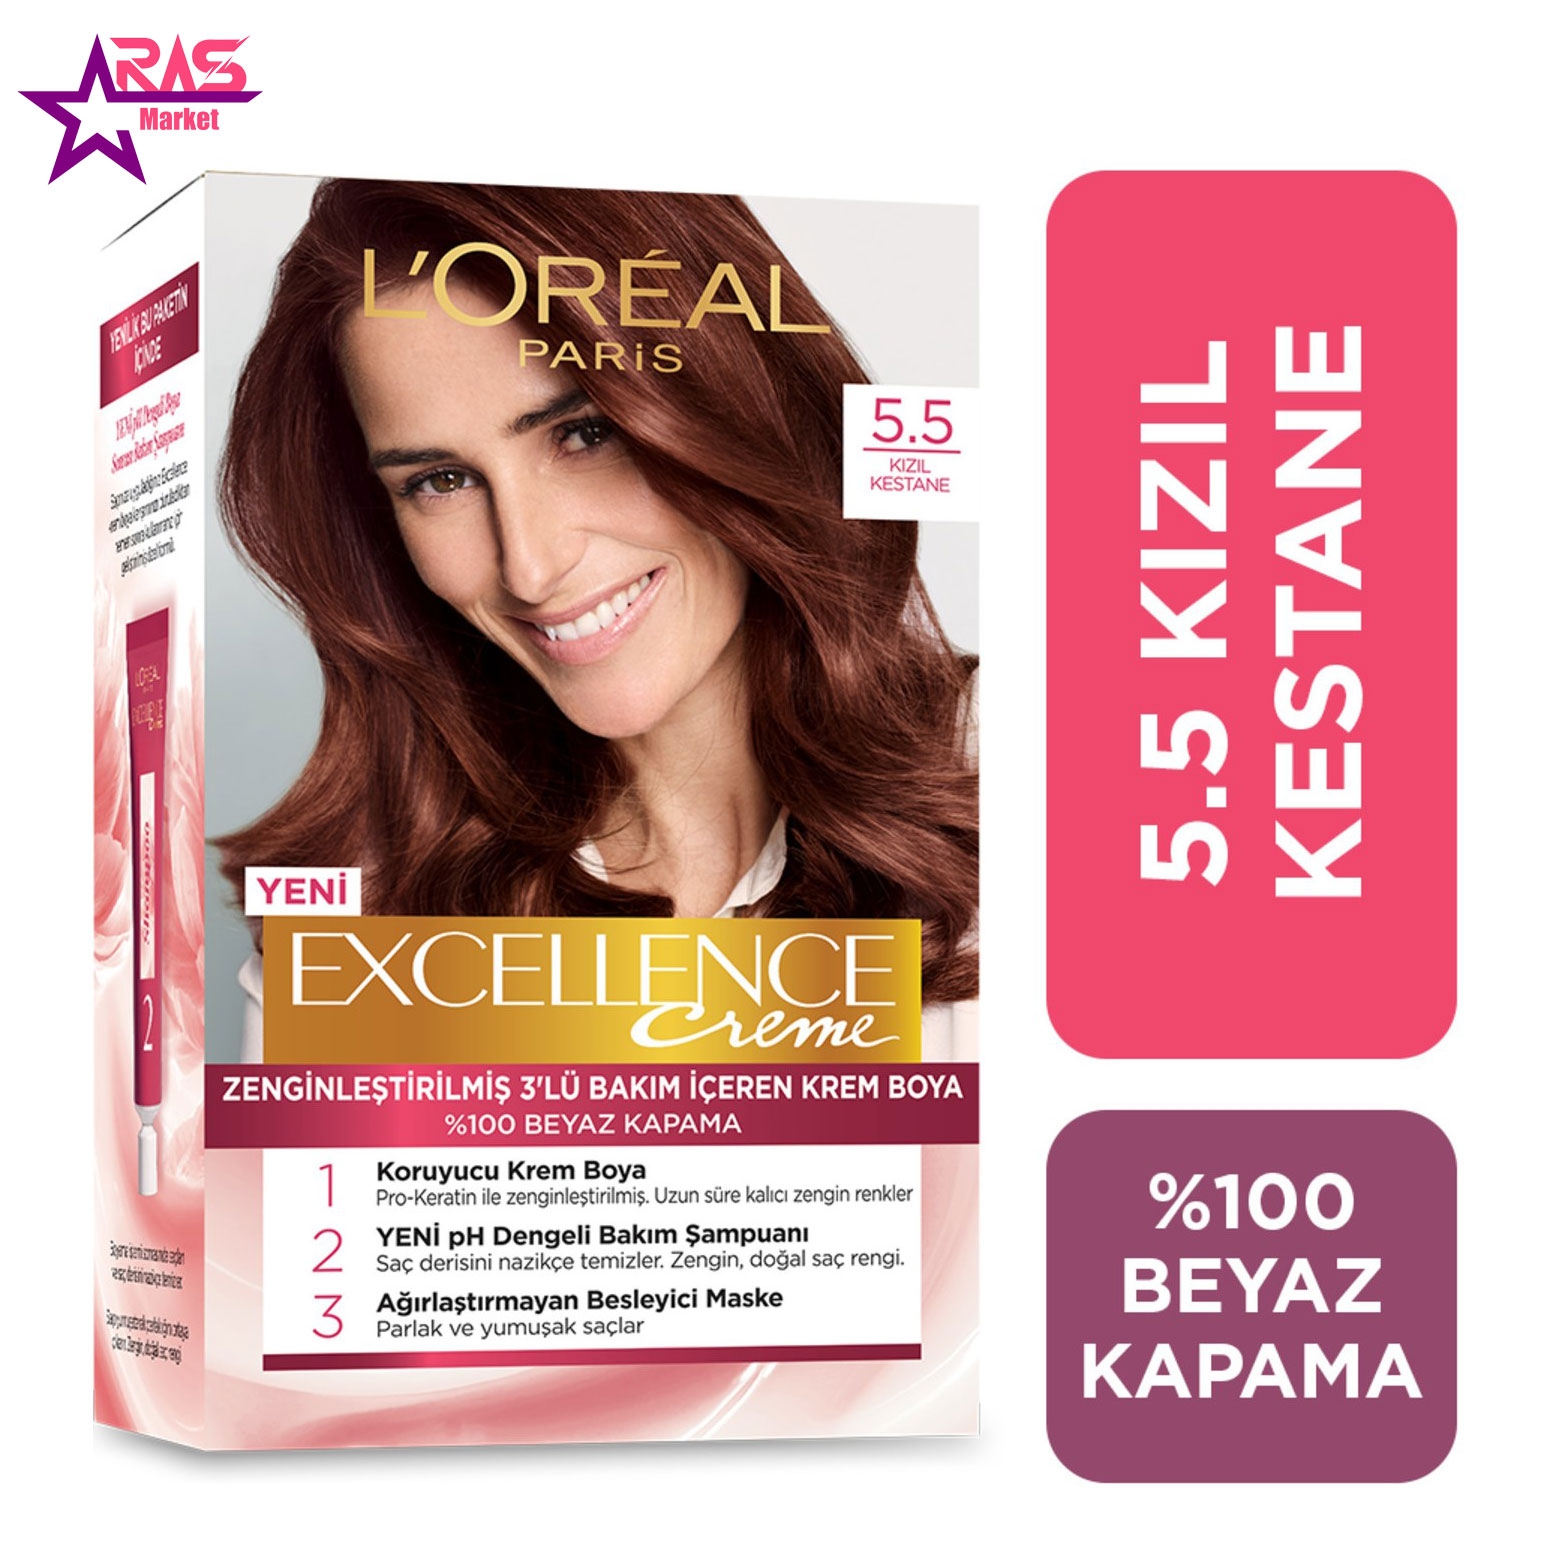 کیت رنگ مو لورآل سری Excellence شماره 5.5 ، فروشگاه اینترنتی ارس مارکت ، بهداشت بانوان